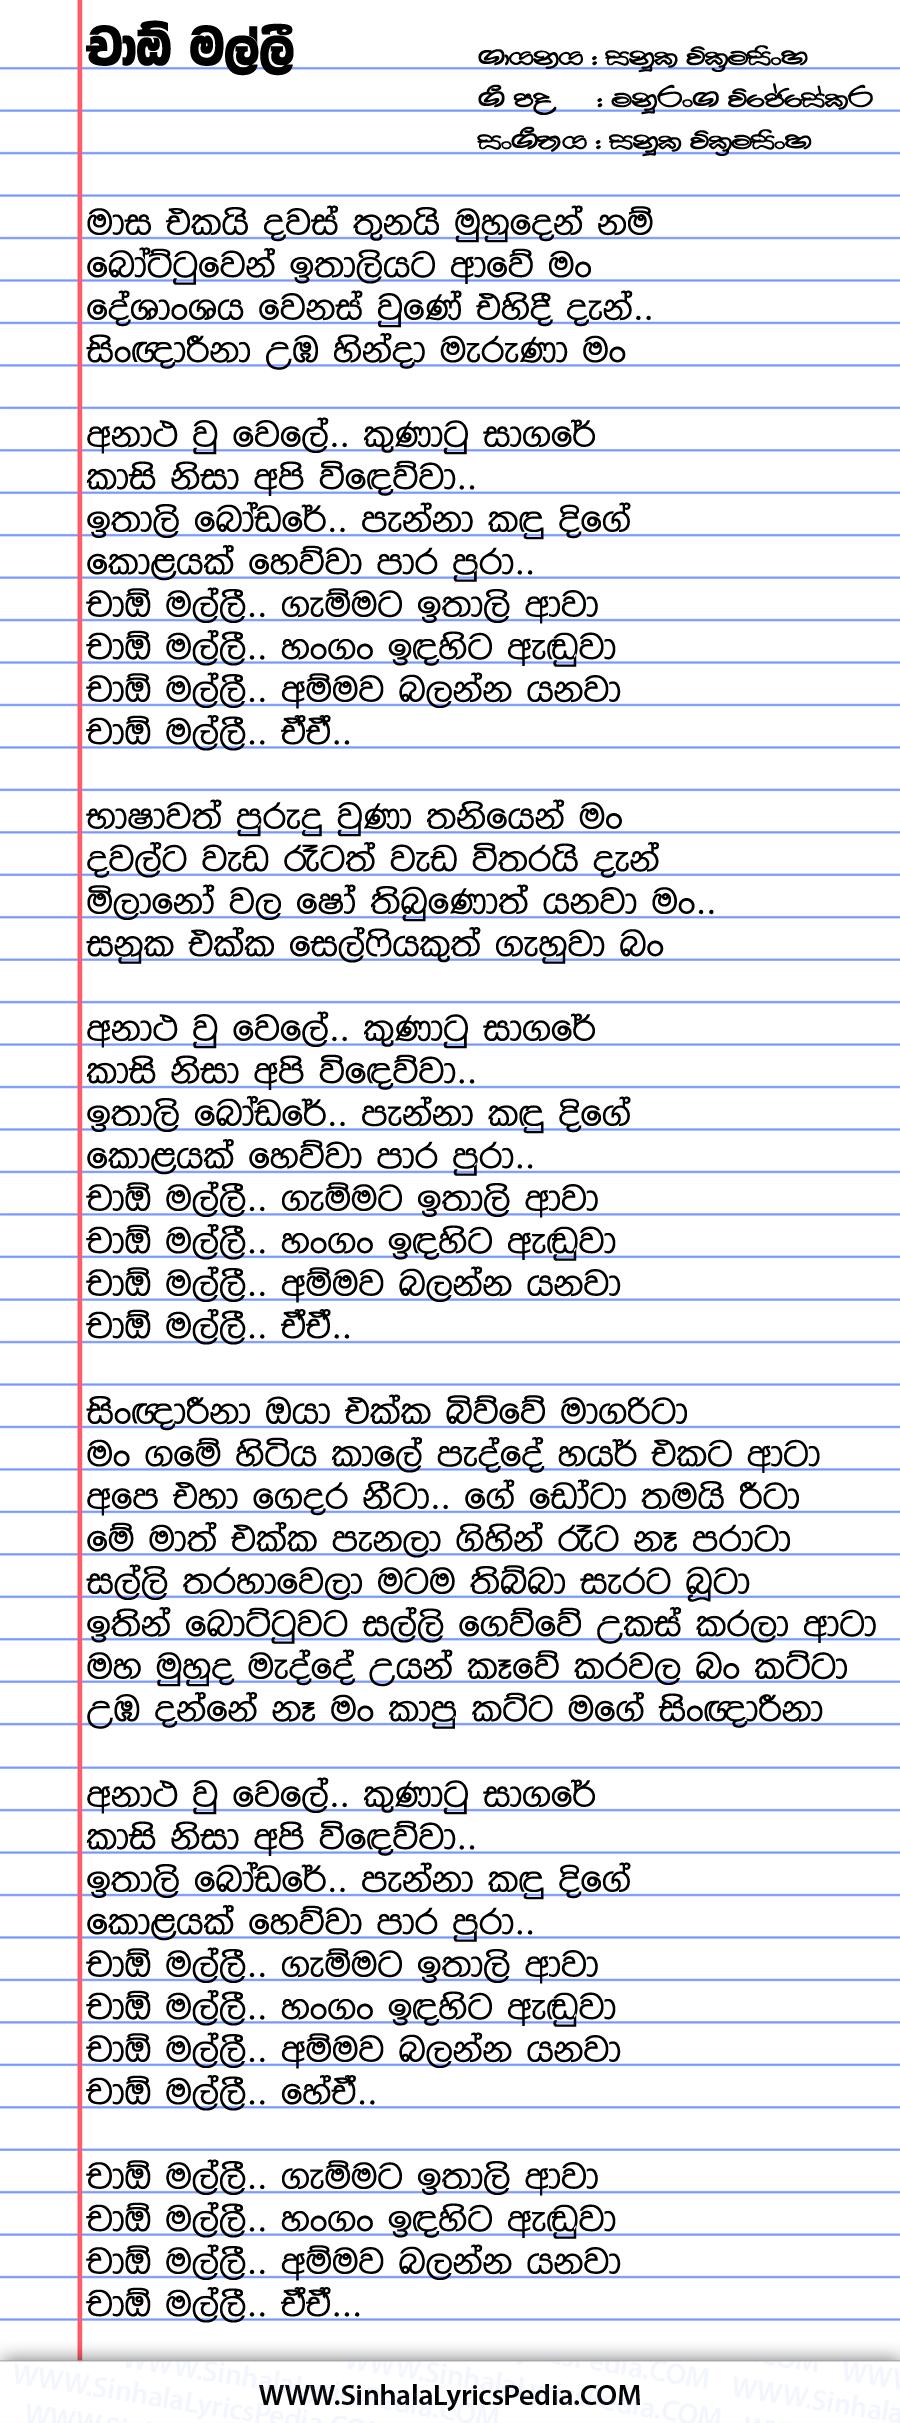 Masa Ekai Dawas Thunai (Ciao Malli) Song Lyrics